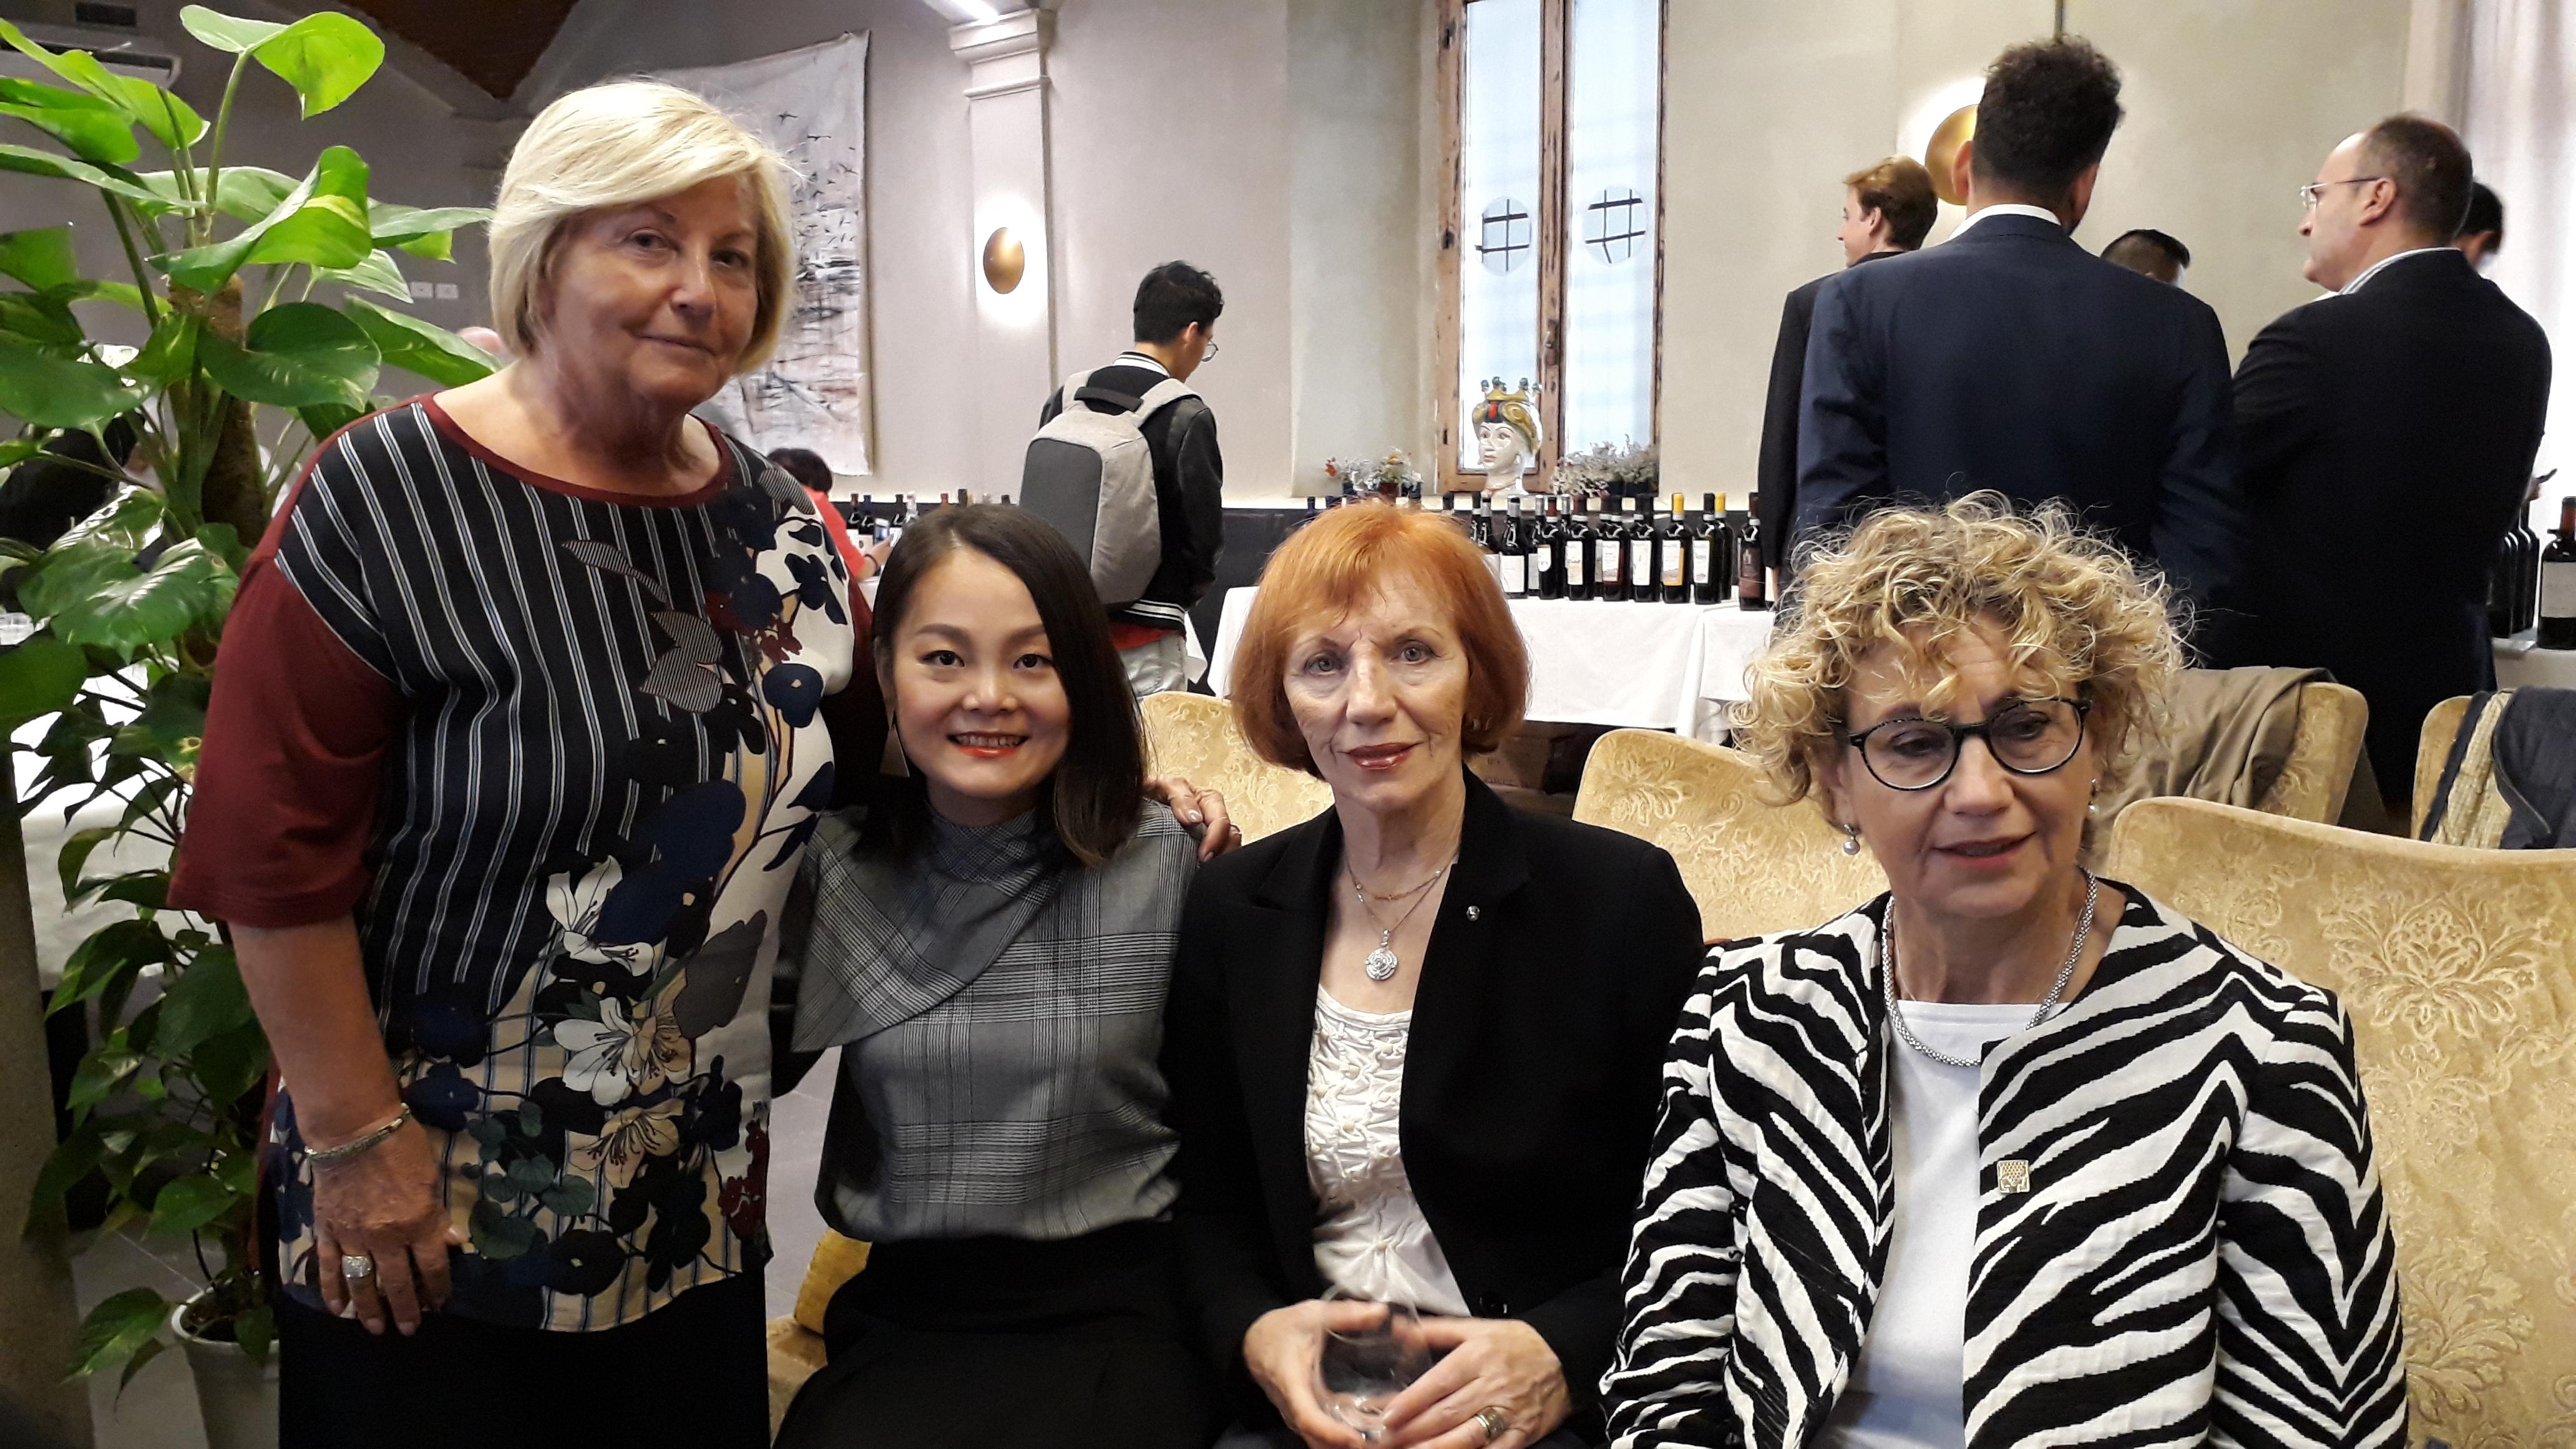 Le Donne del Vino incontrano la Cina con Ye Liu Jie sommelier e Donna del Vino. 30 settembre 2018